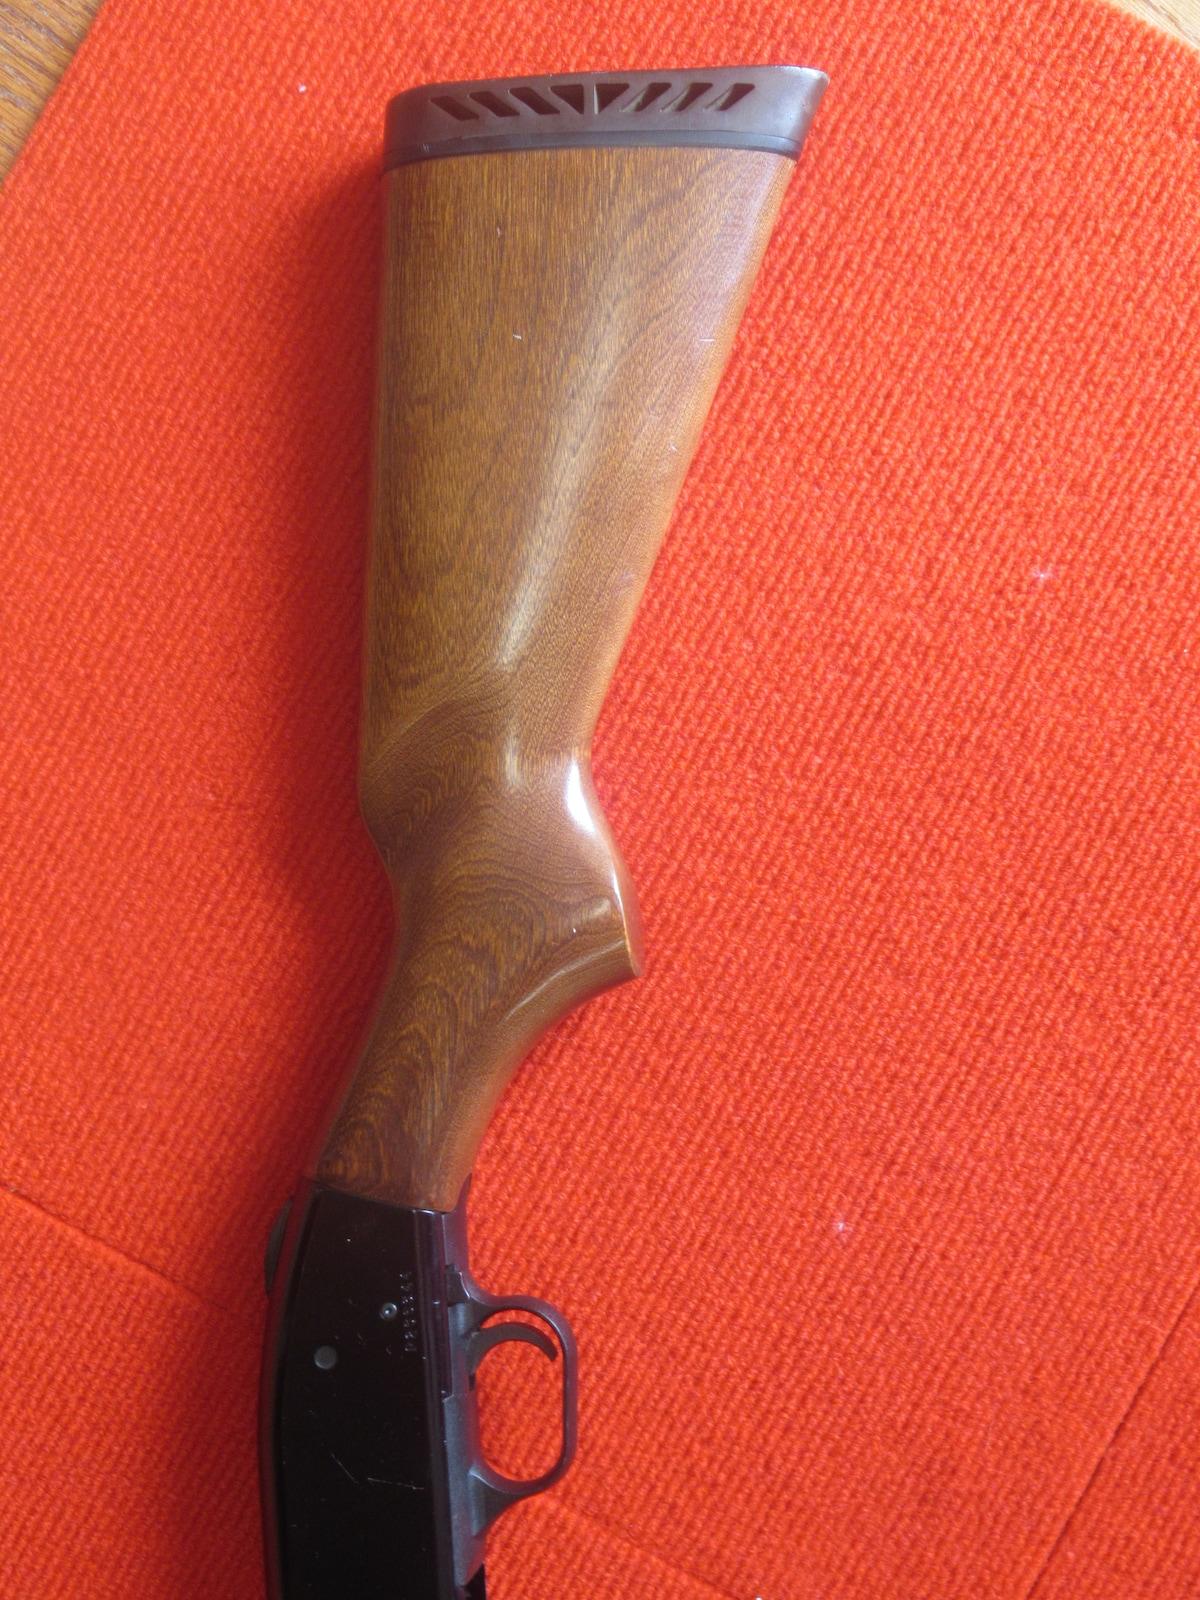 MOSSBERG MODEL 500A